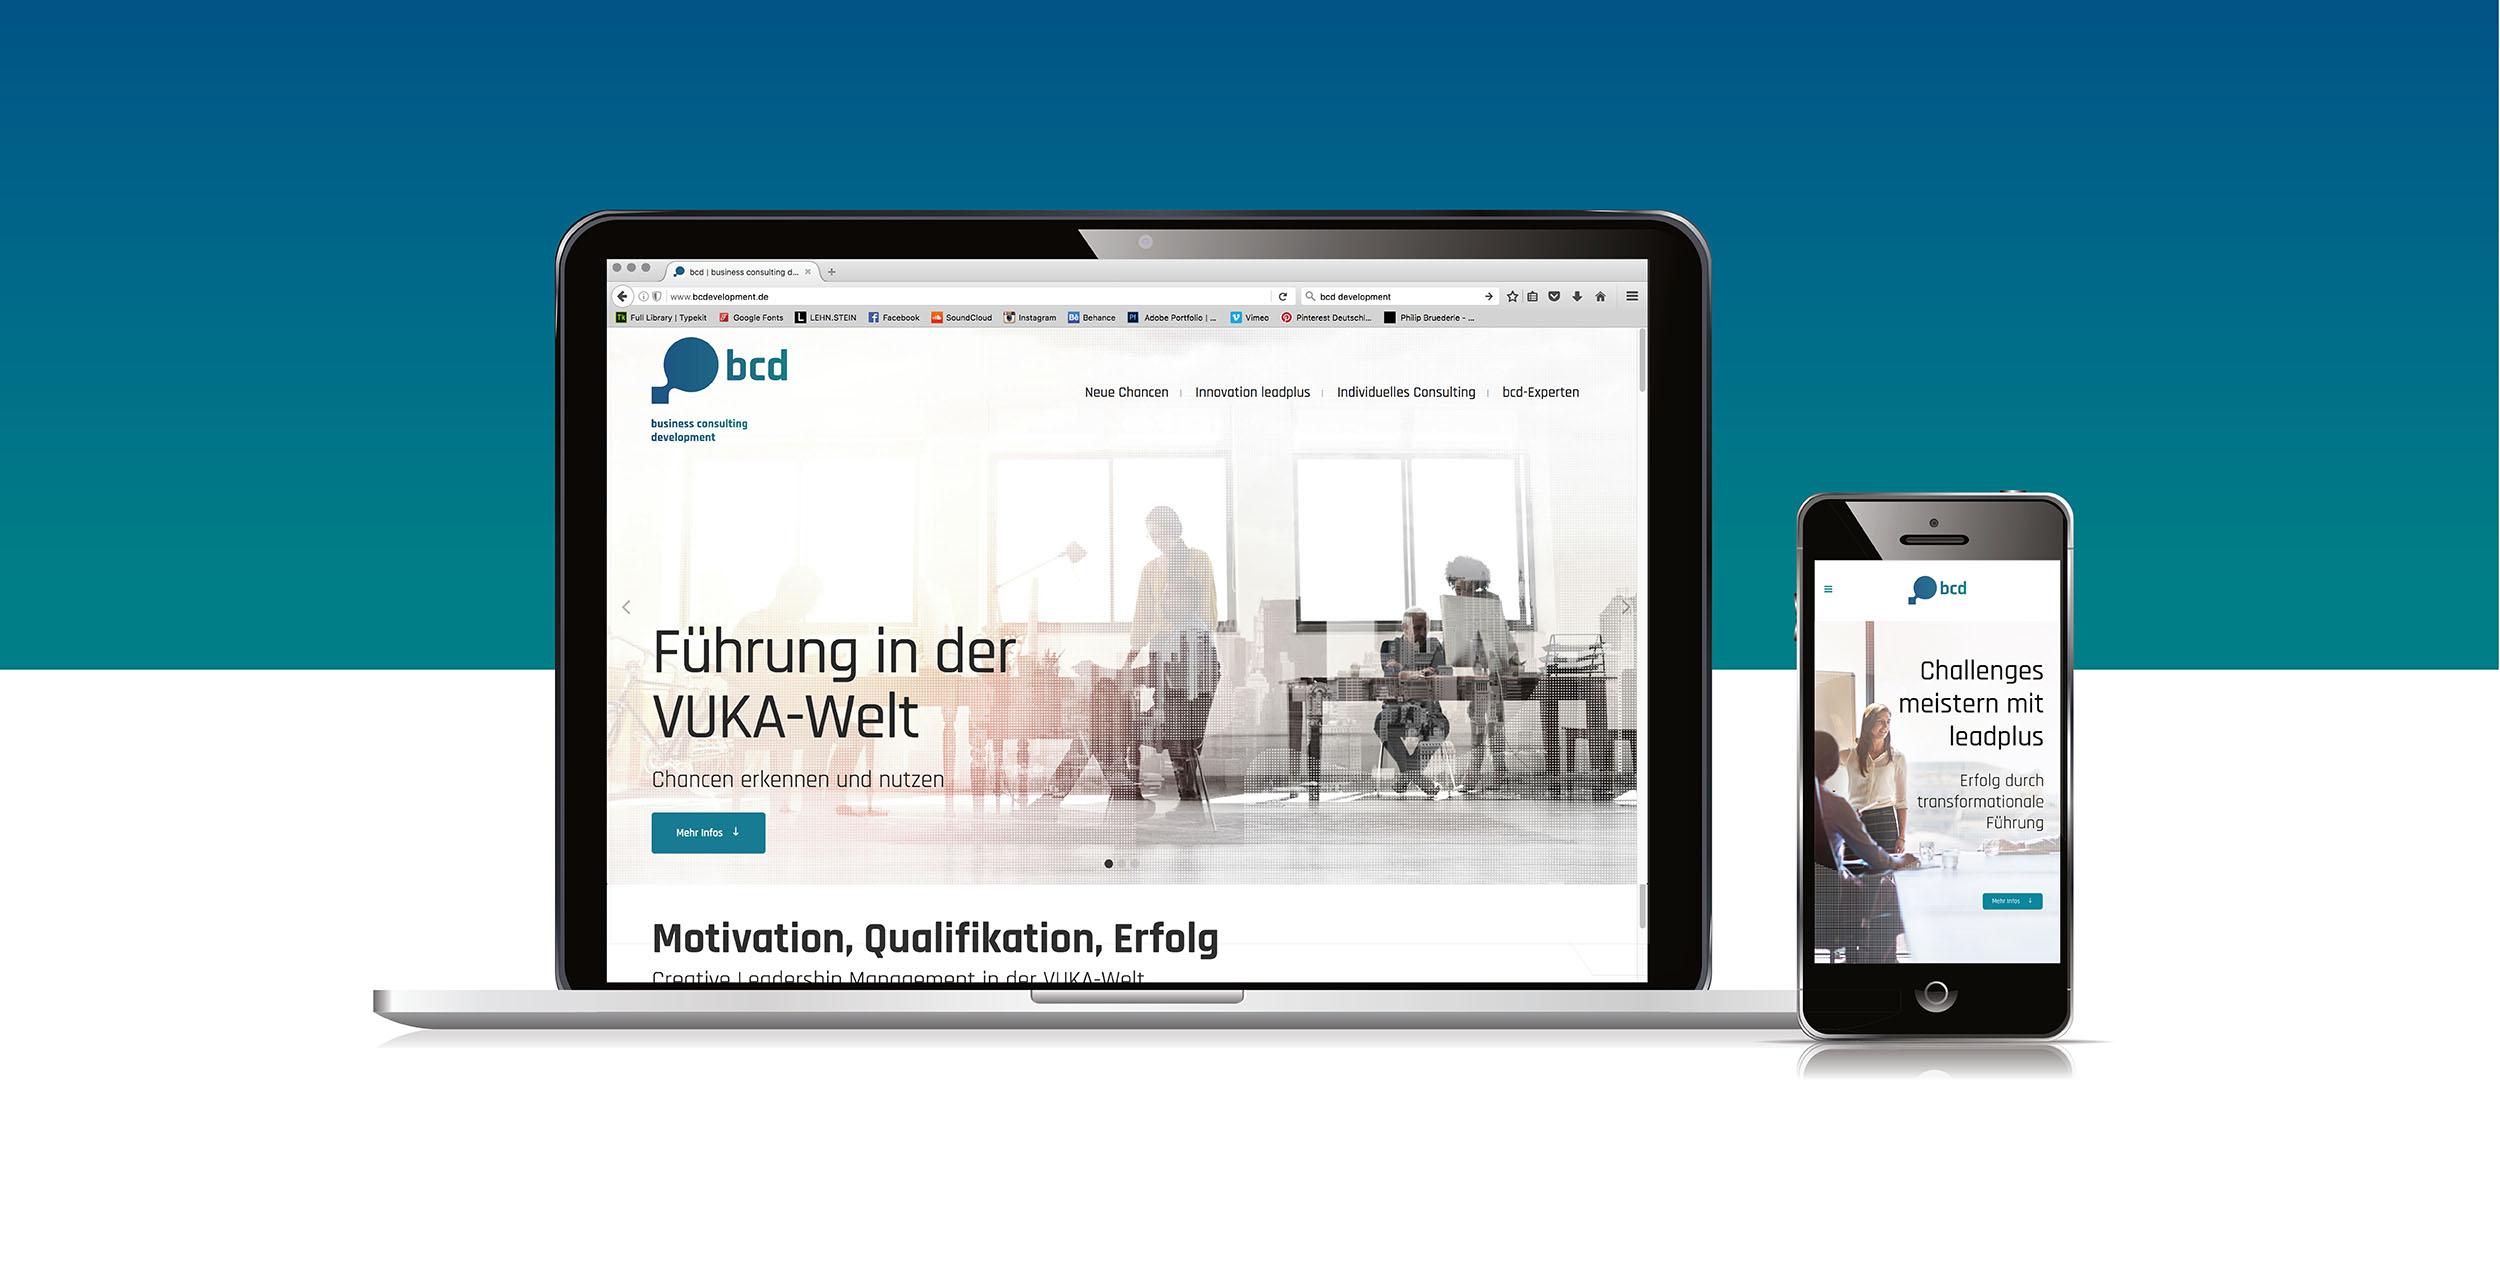 lehnstein_website_portfolio-bcd-4.indd